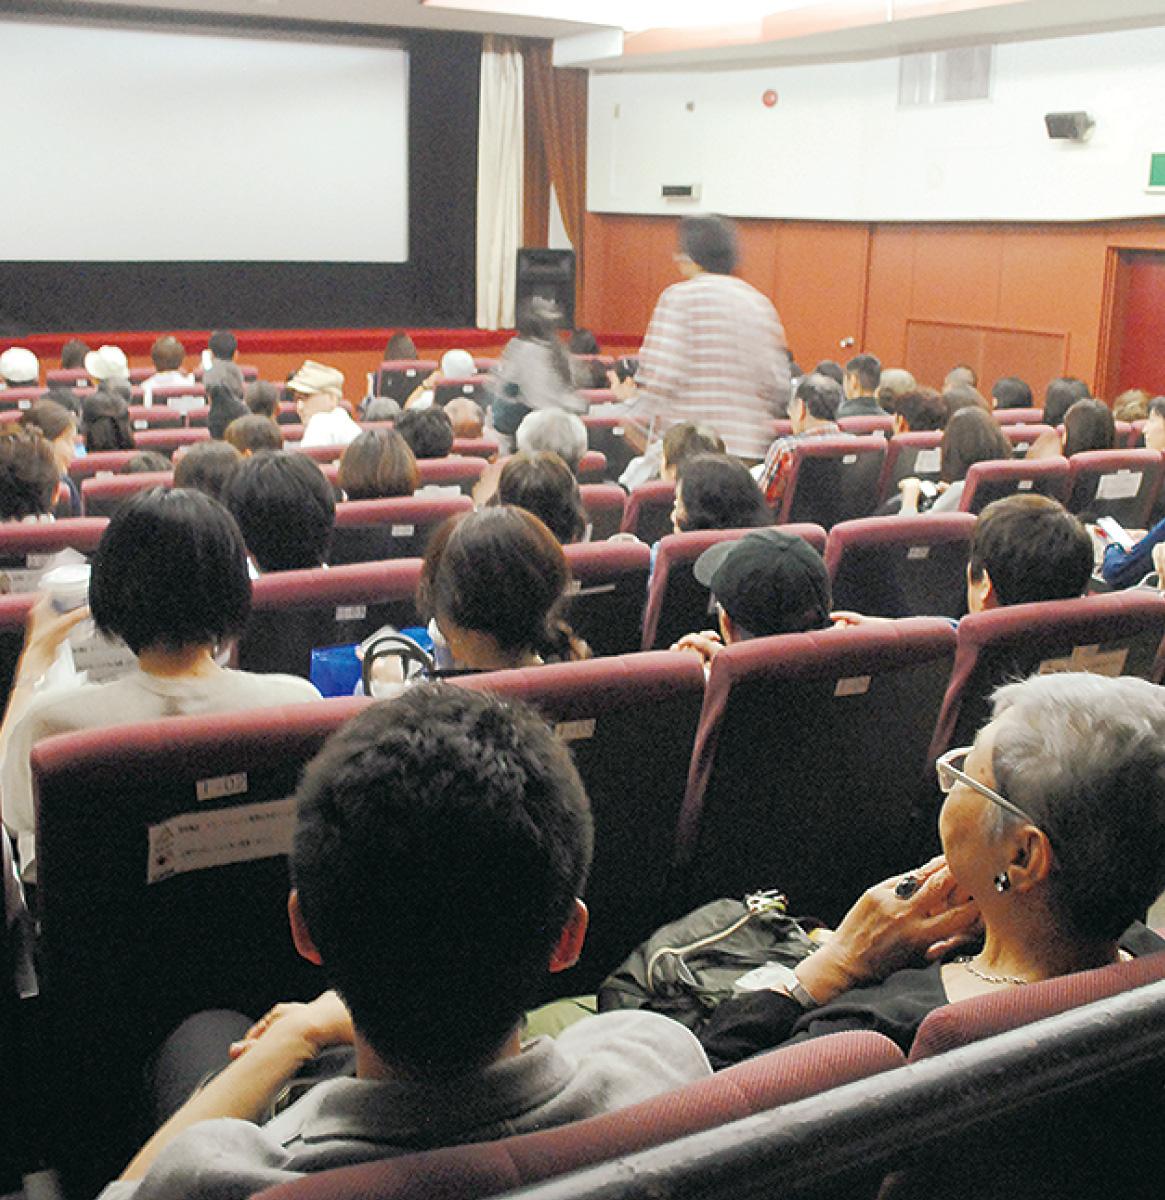 最後の作品となった『ヨコハマメリー』の上映を待つ来場者たち。当日販売だったが昼過ぎには118席が完売した